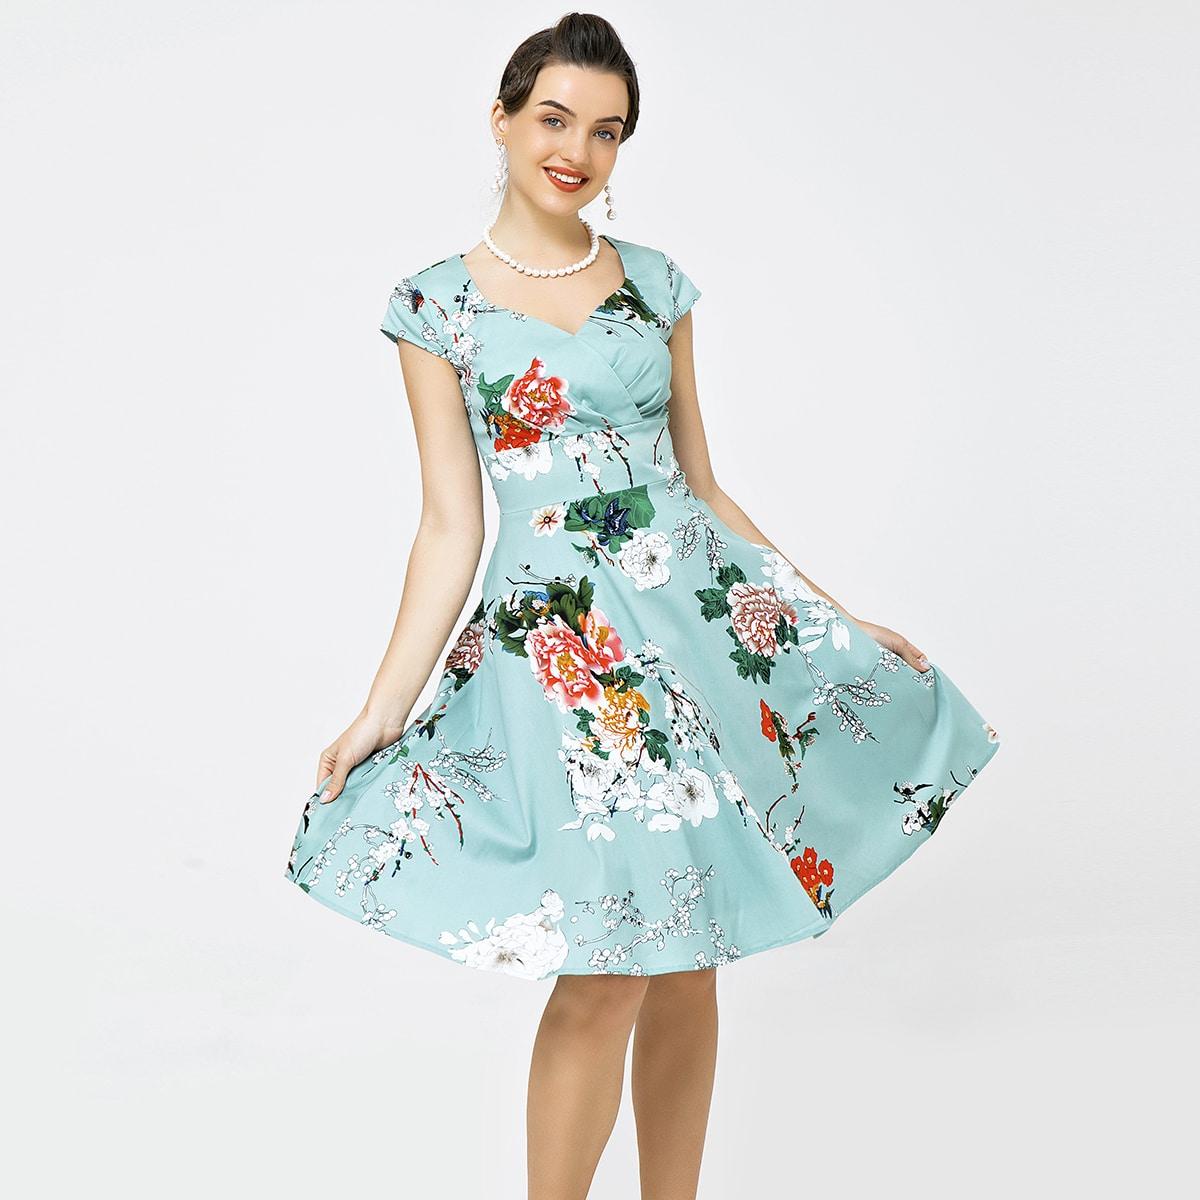 Платье с воротником-сердечком и цветочным принтом без нижней юбки